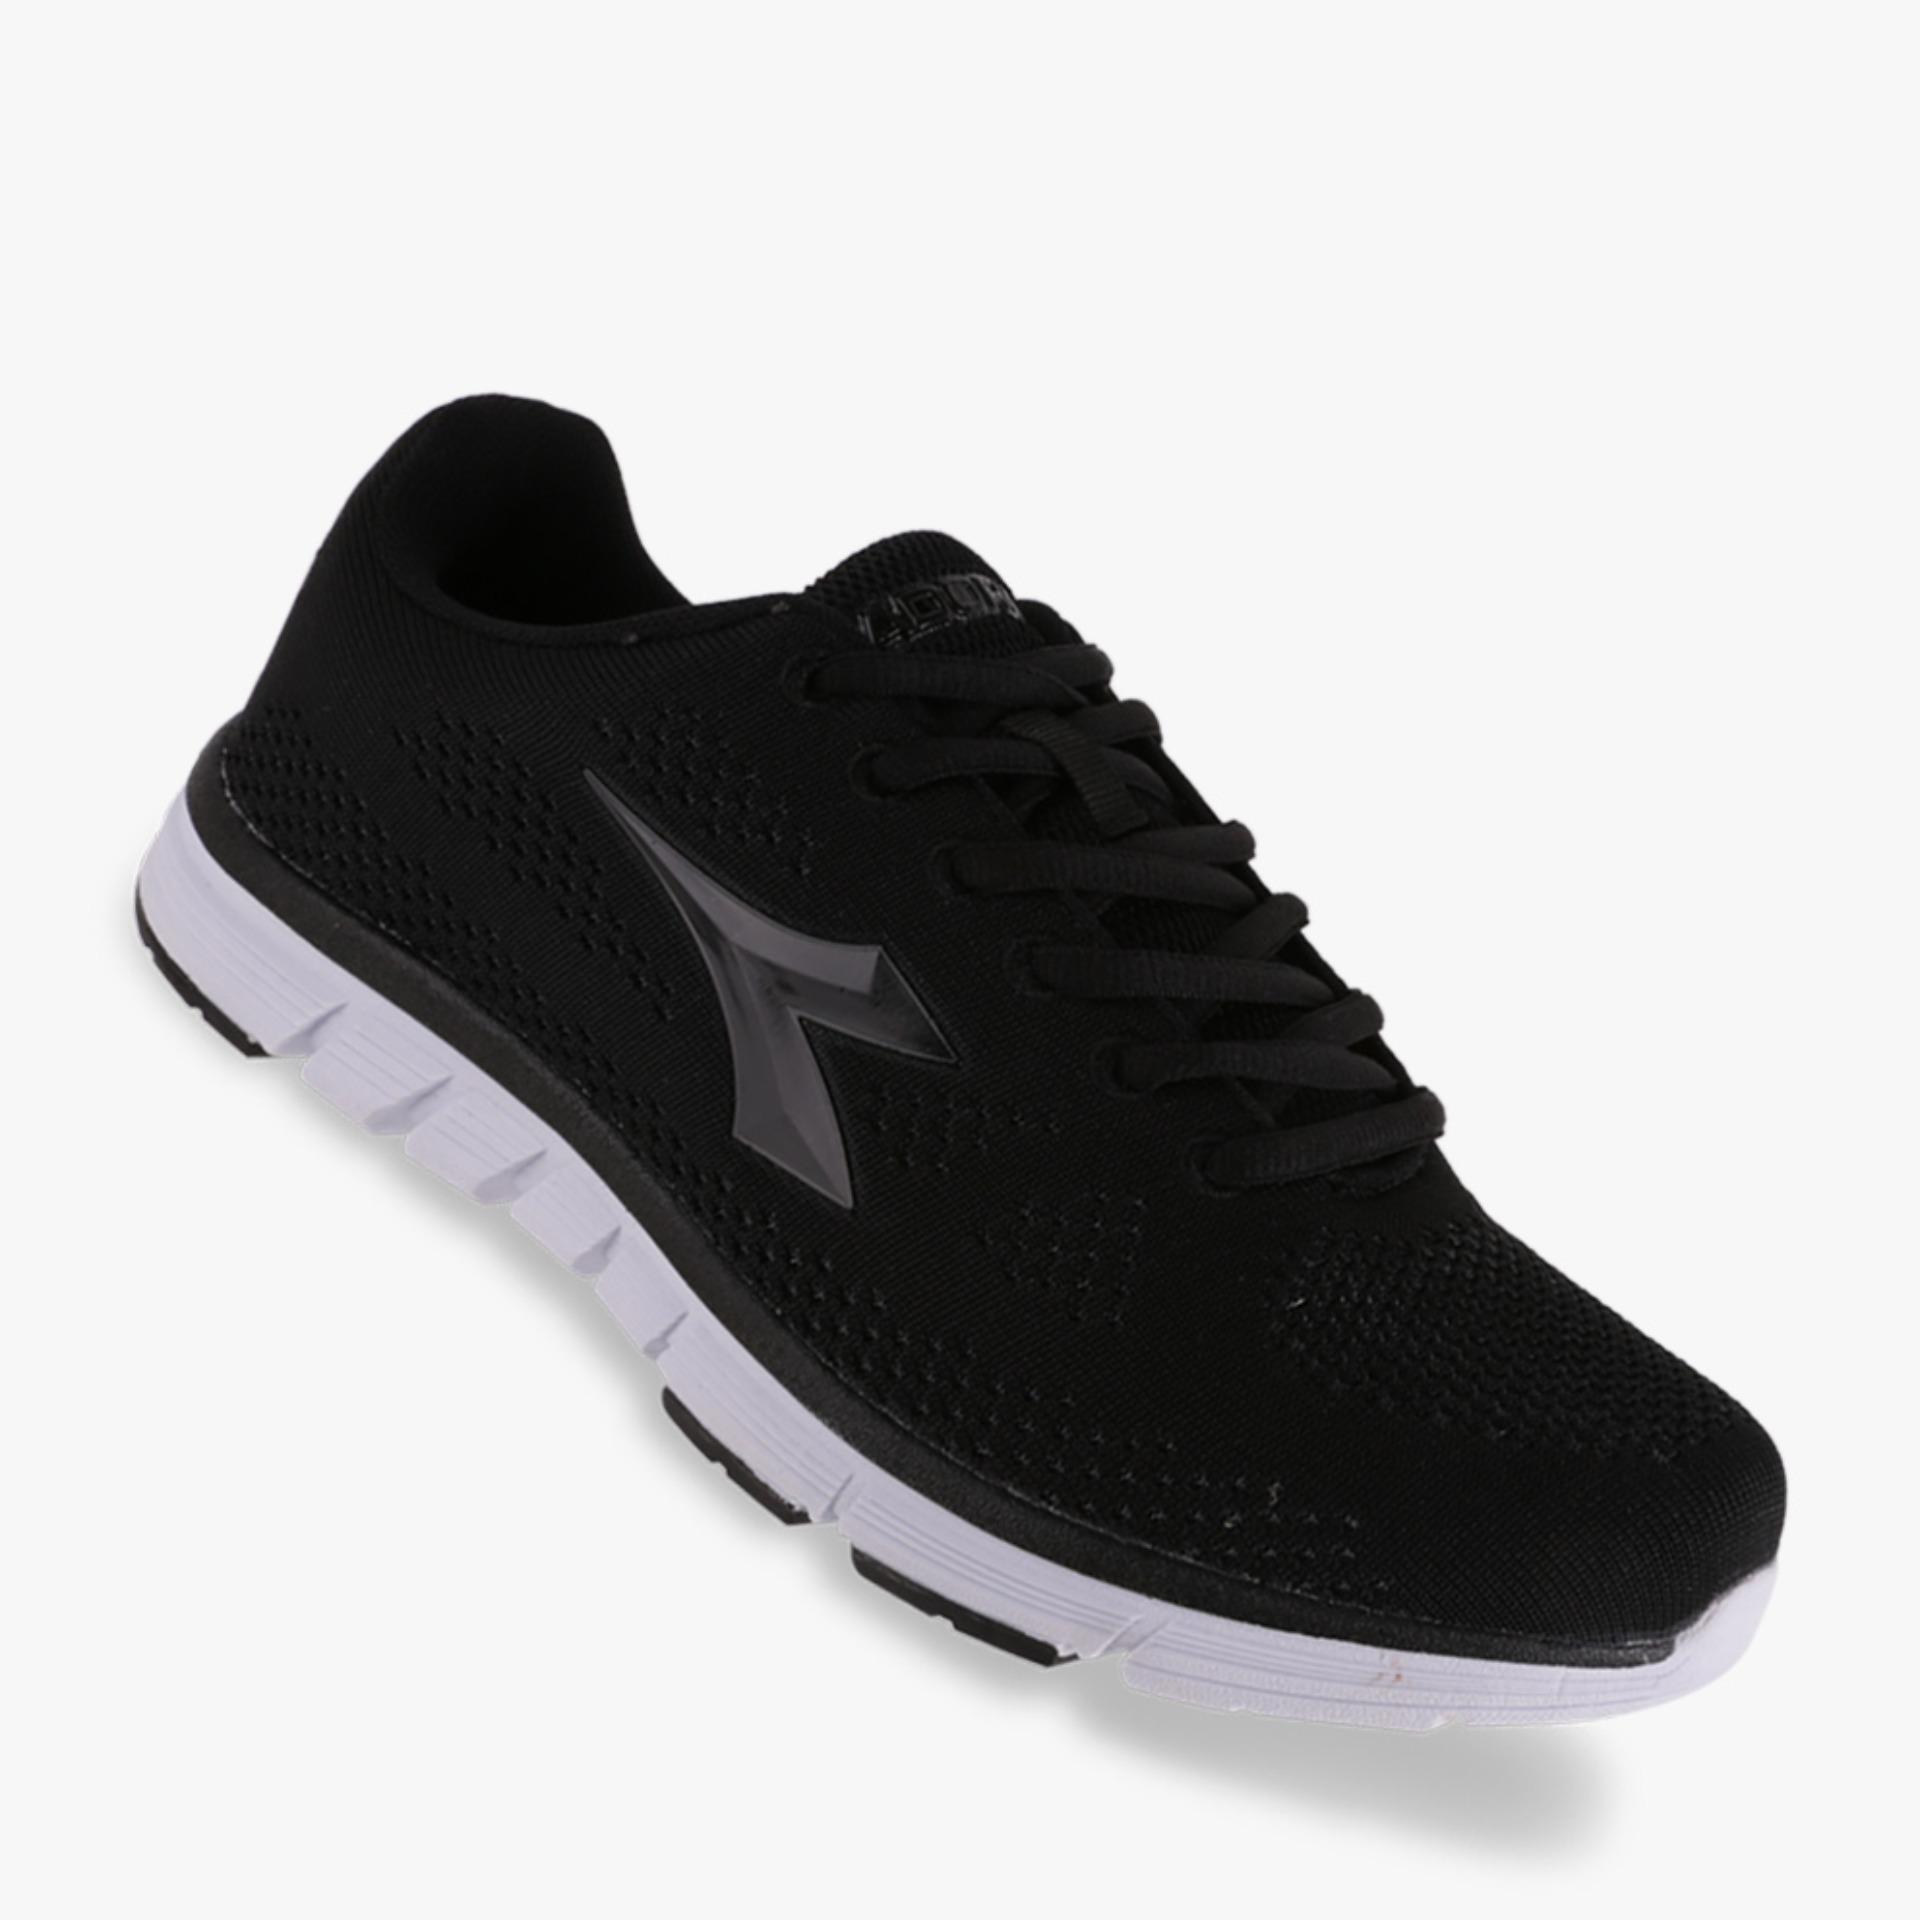 Diadora Geta Men's Fitness Shoes - Hitam